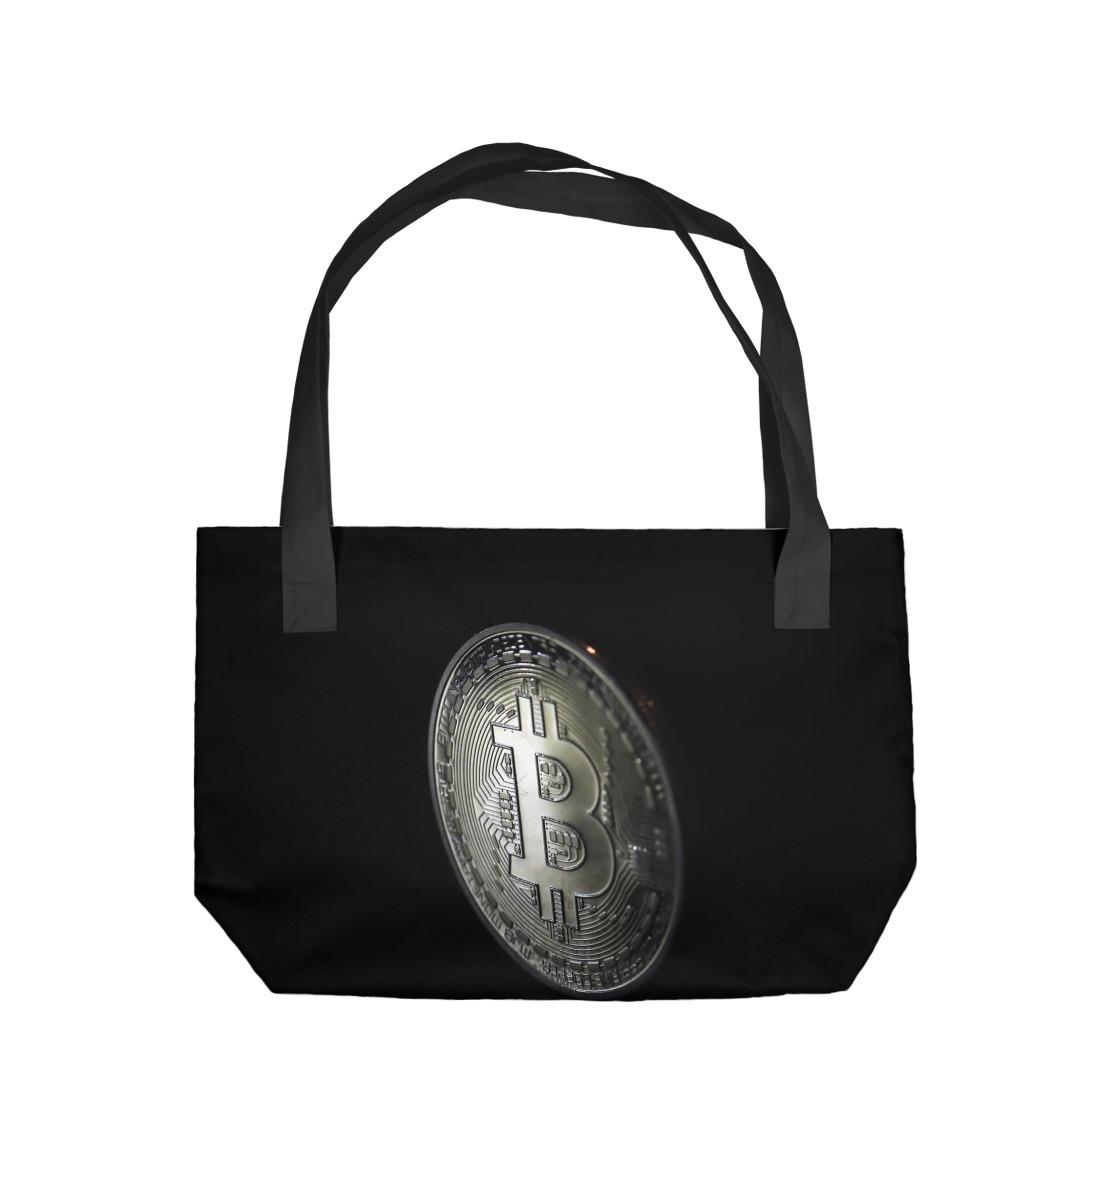 пухов е монета ефимок с признаком Биткоин Монета